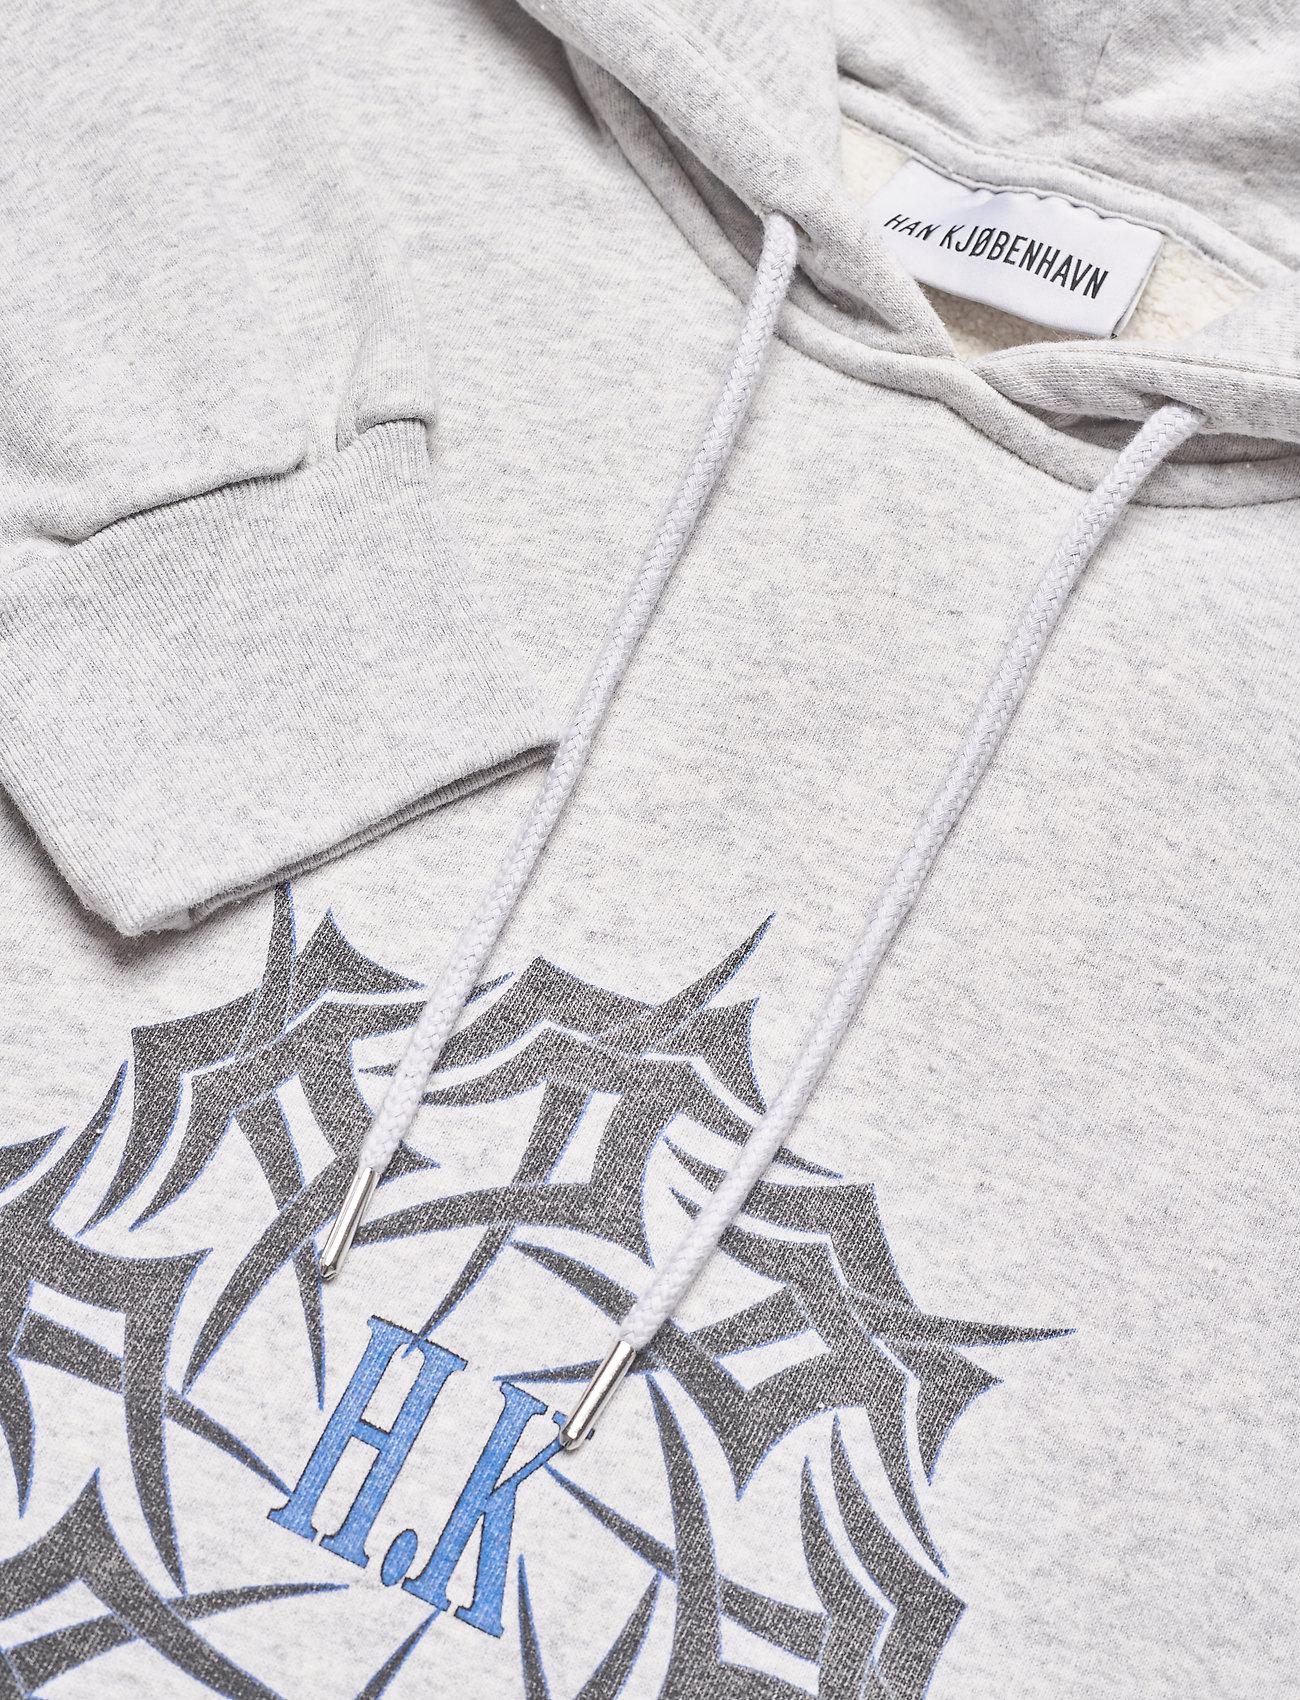 HAN Kjøbenhavn - Artwork Hoodie - hoodies - grey melange - 2